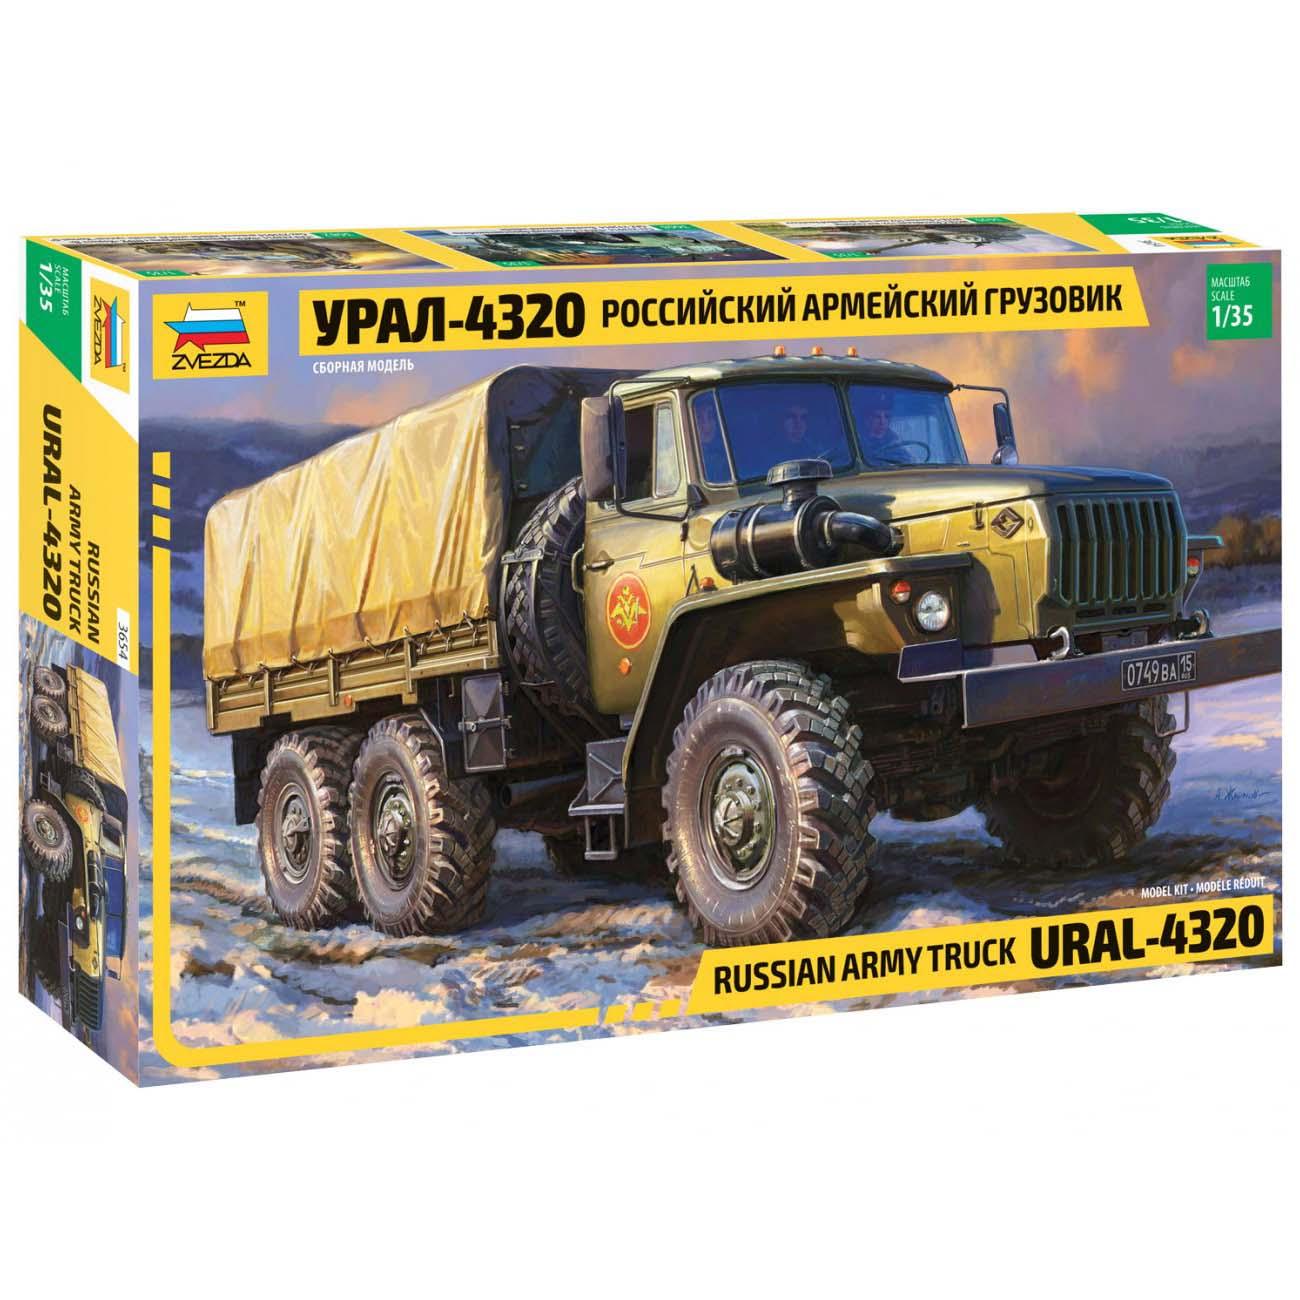 Сборная модель - Российский армейский грузовик Урал-4320, 1:35 фото